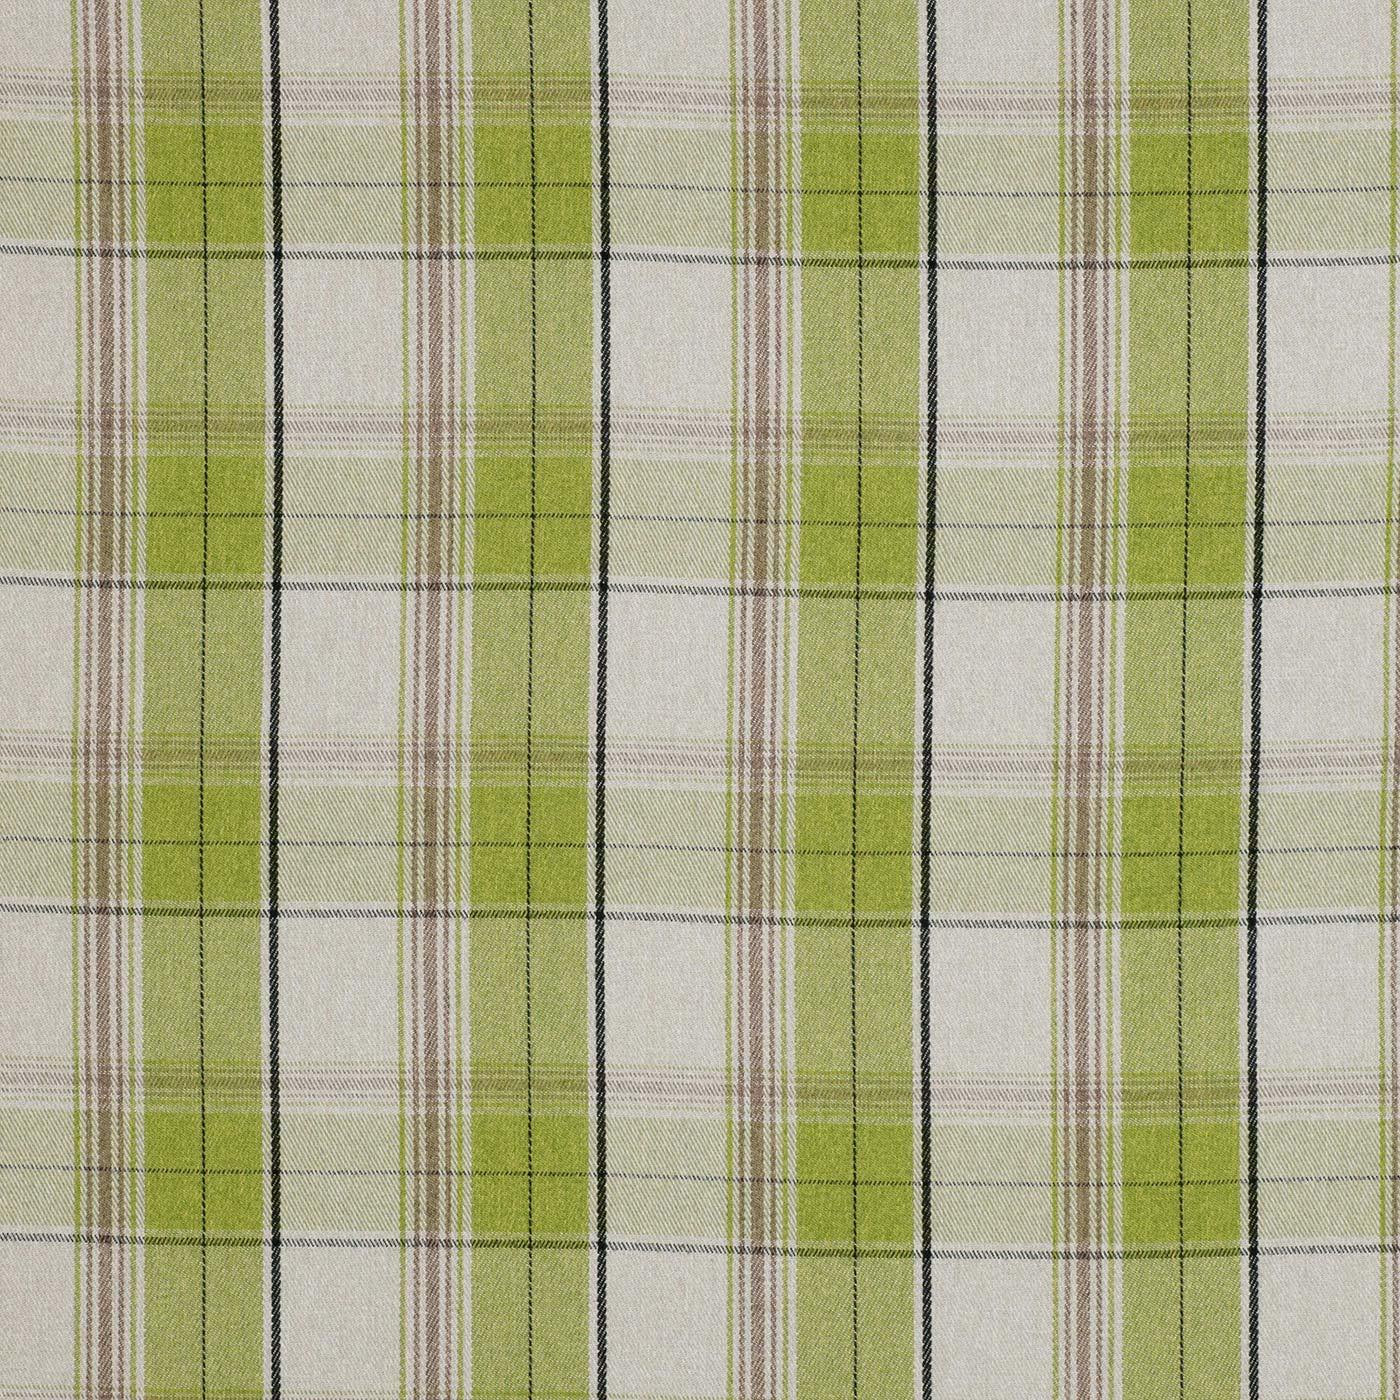 Abercrombie Green